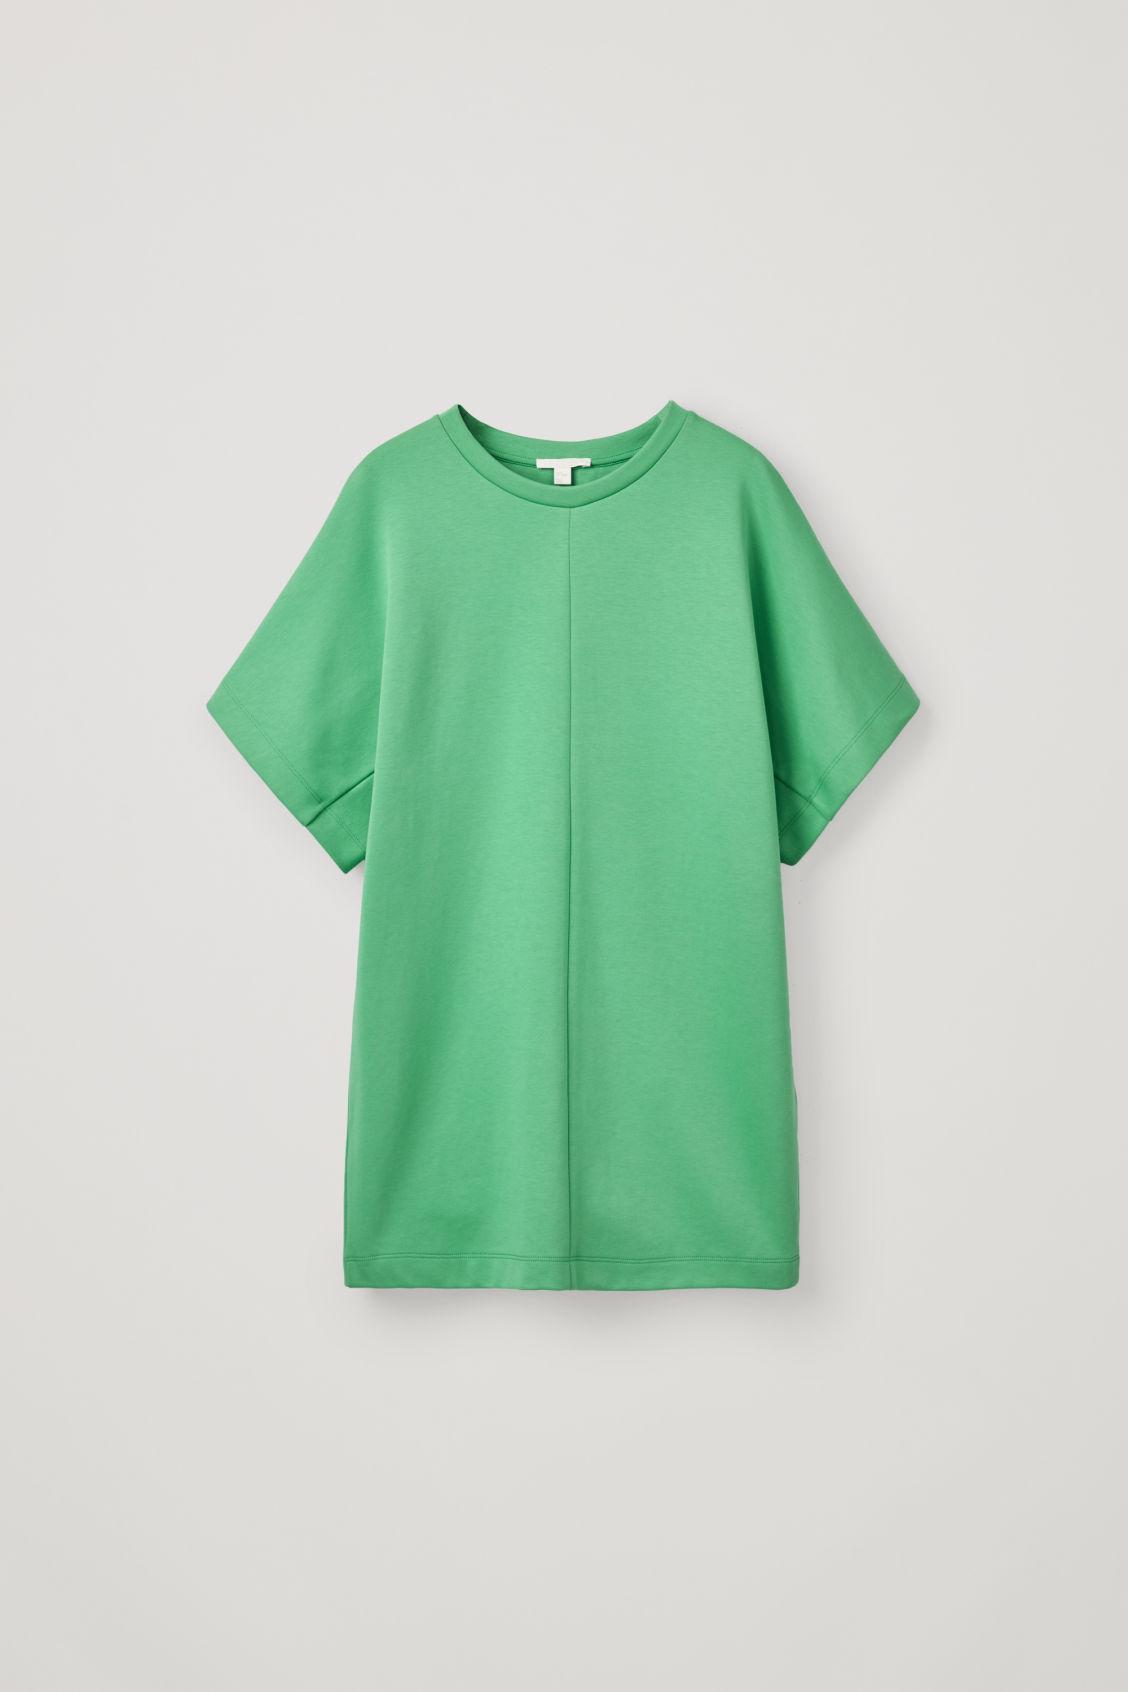 Cos Long Shaped T-shirt In Green